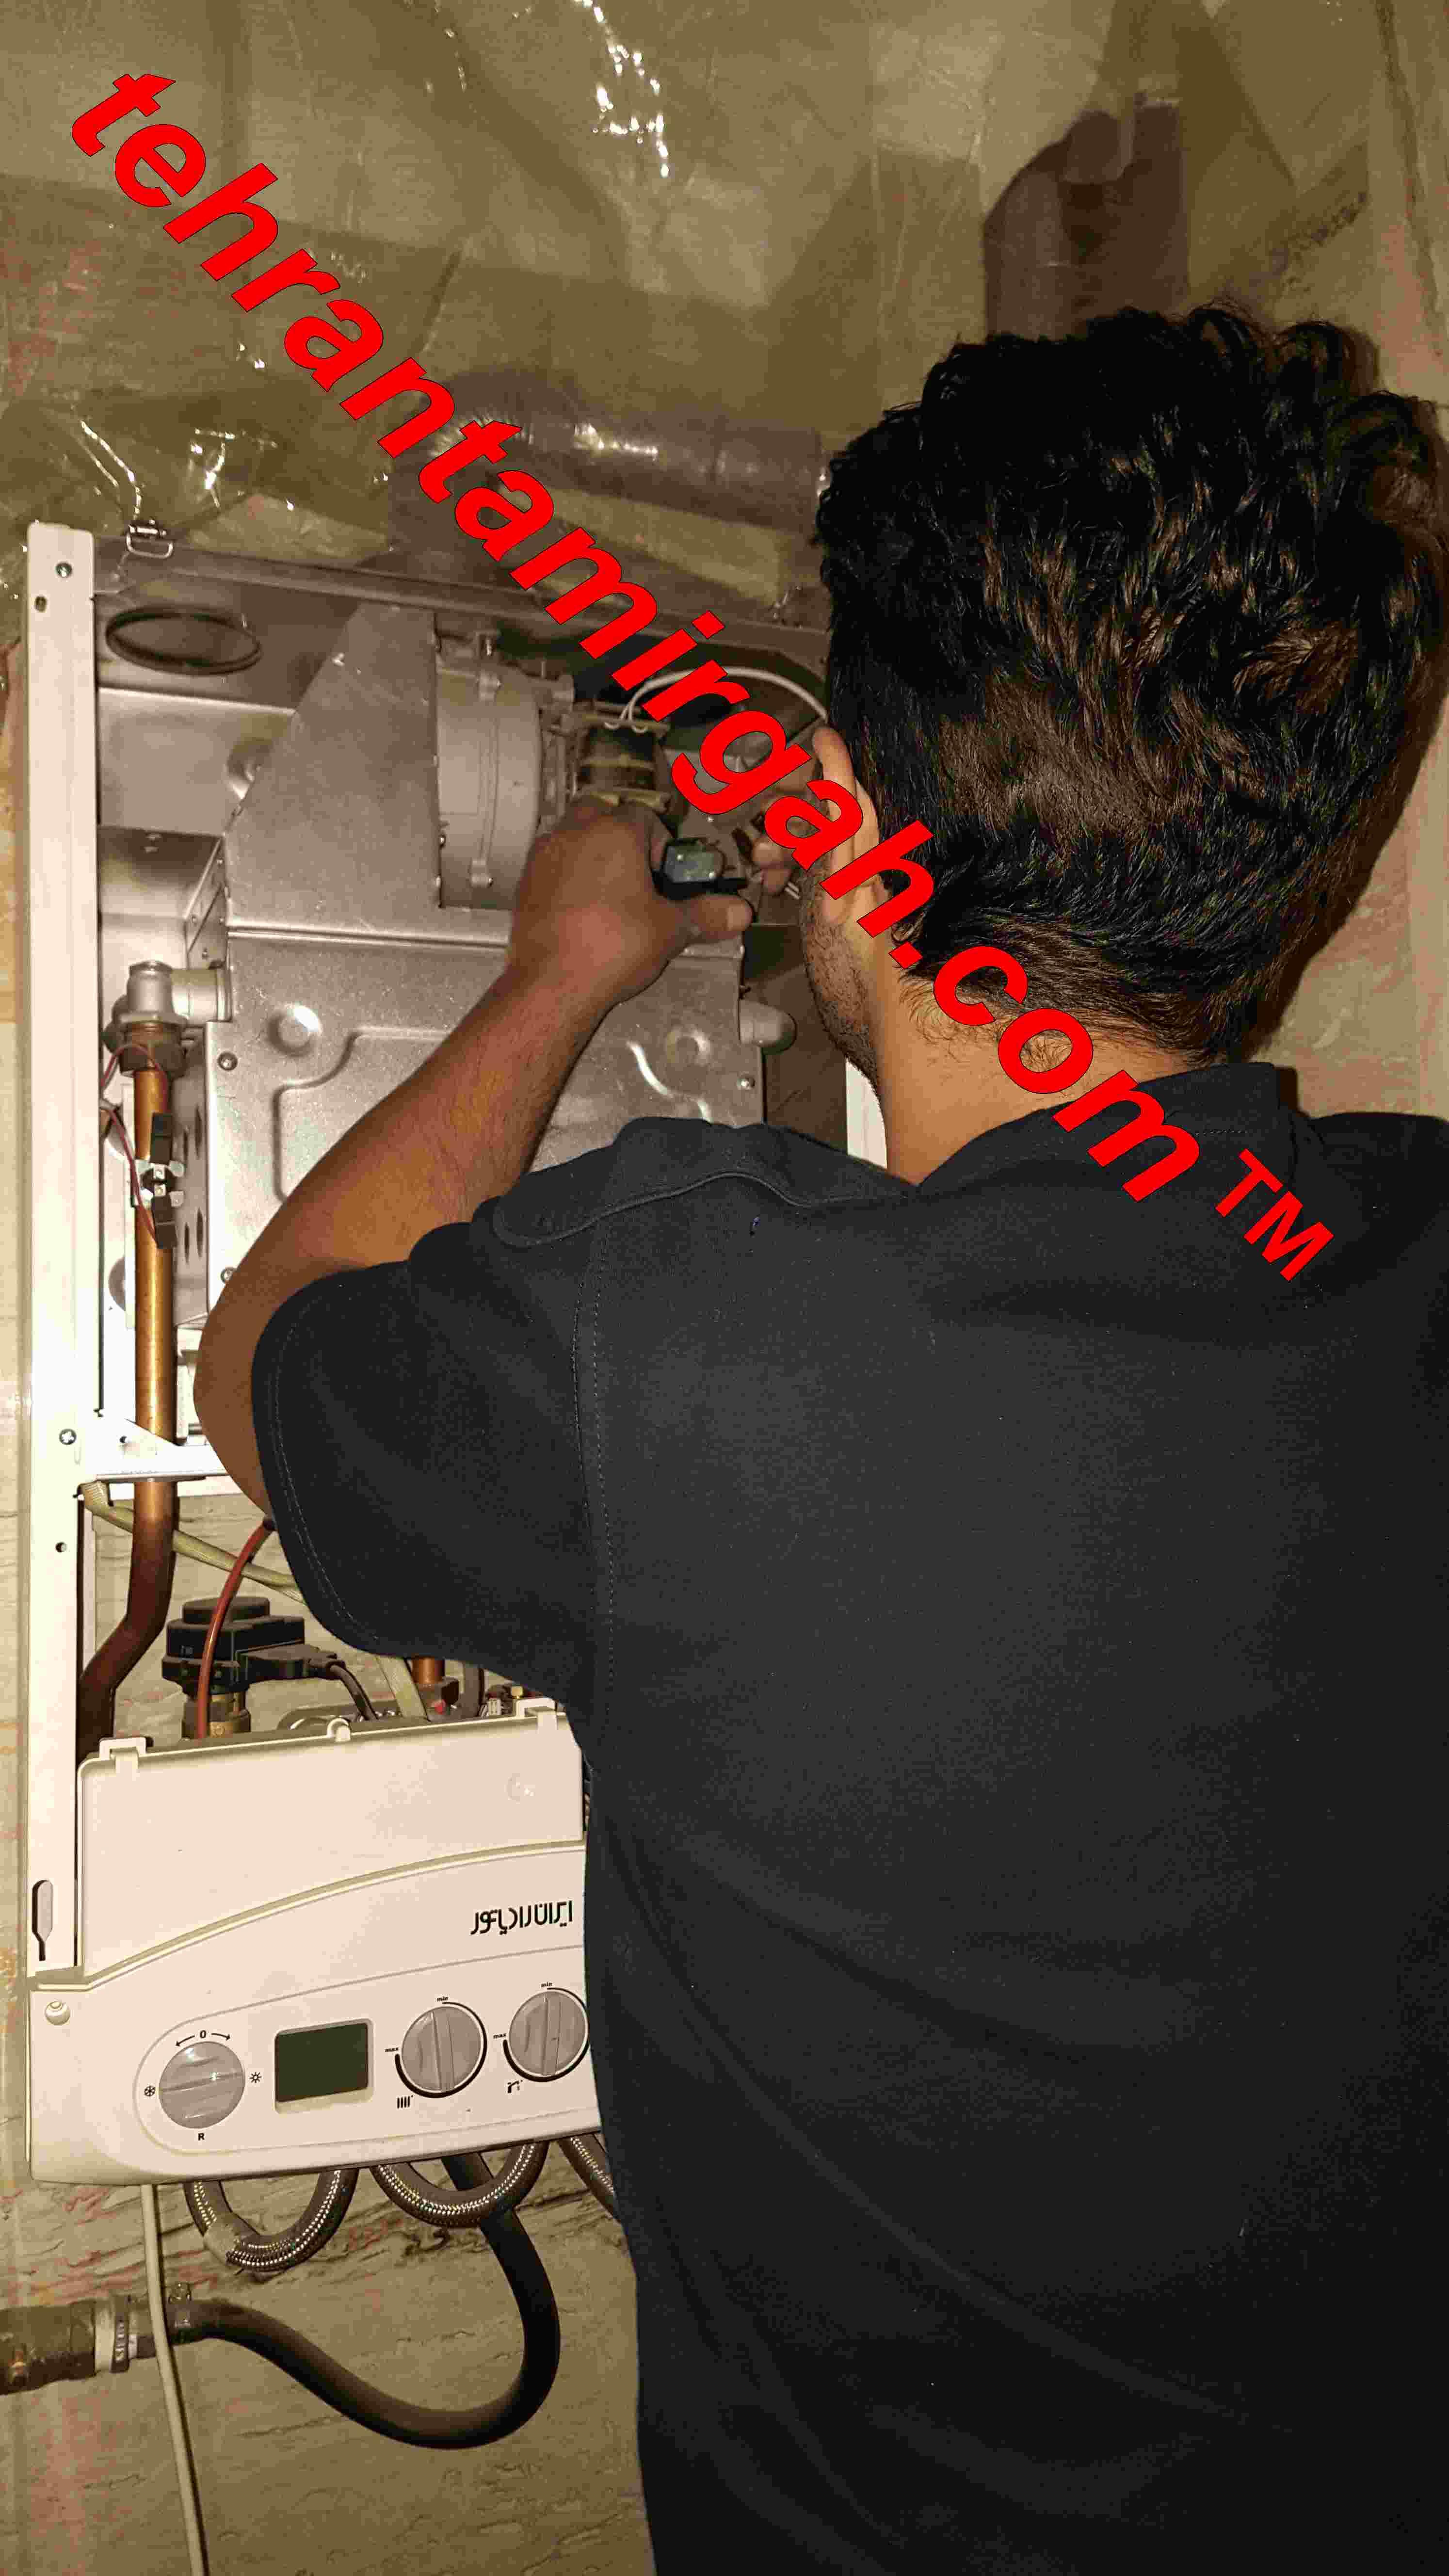 علت گرمای کم رادیاتورها ۱۳ علتی که رادیاتورها گرمای مطلوب را ندارند؟